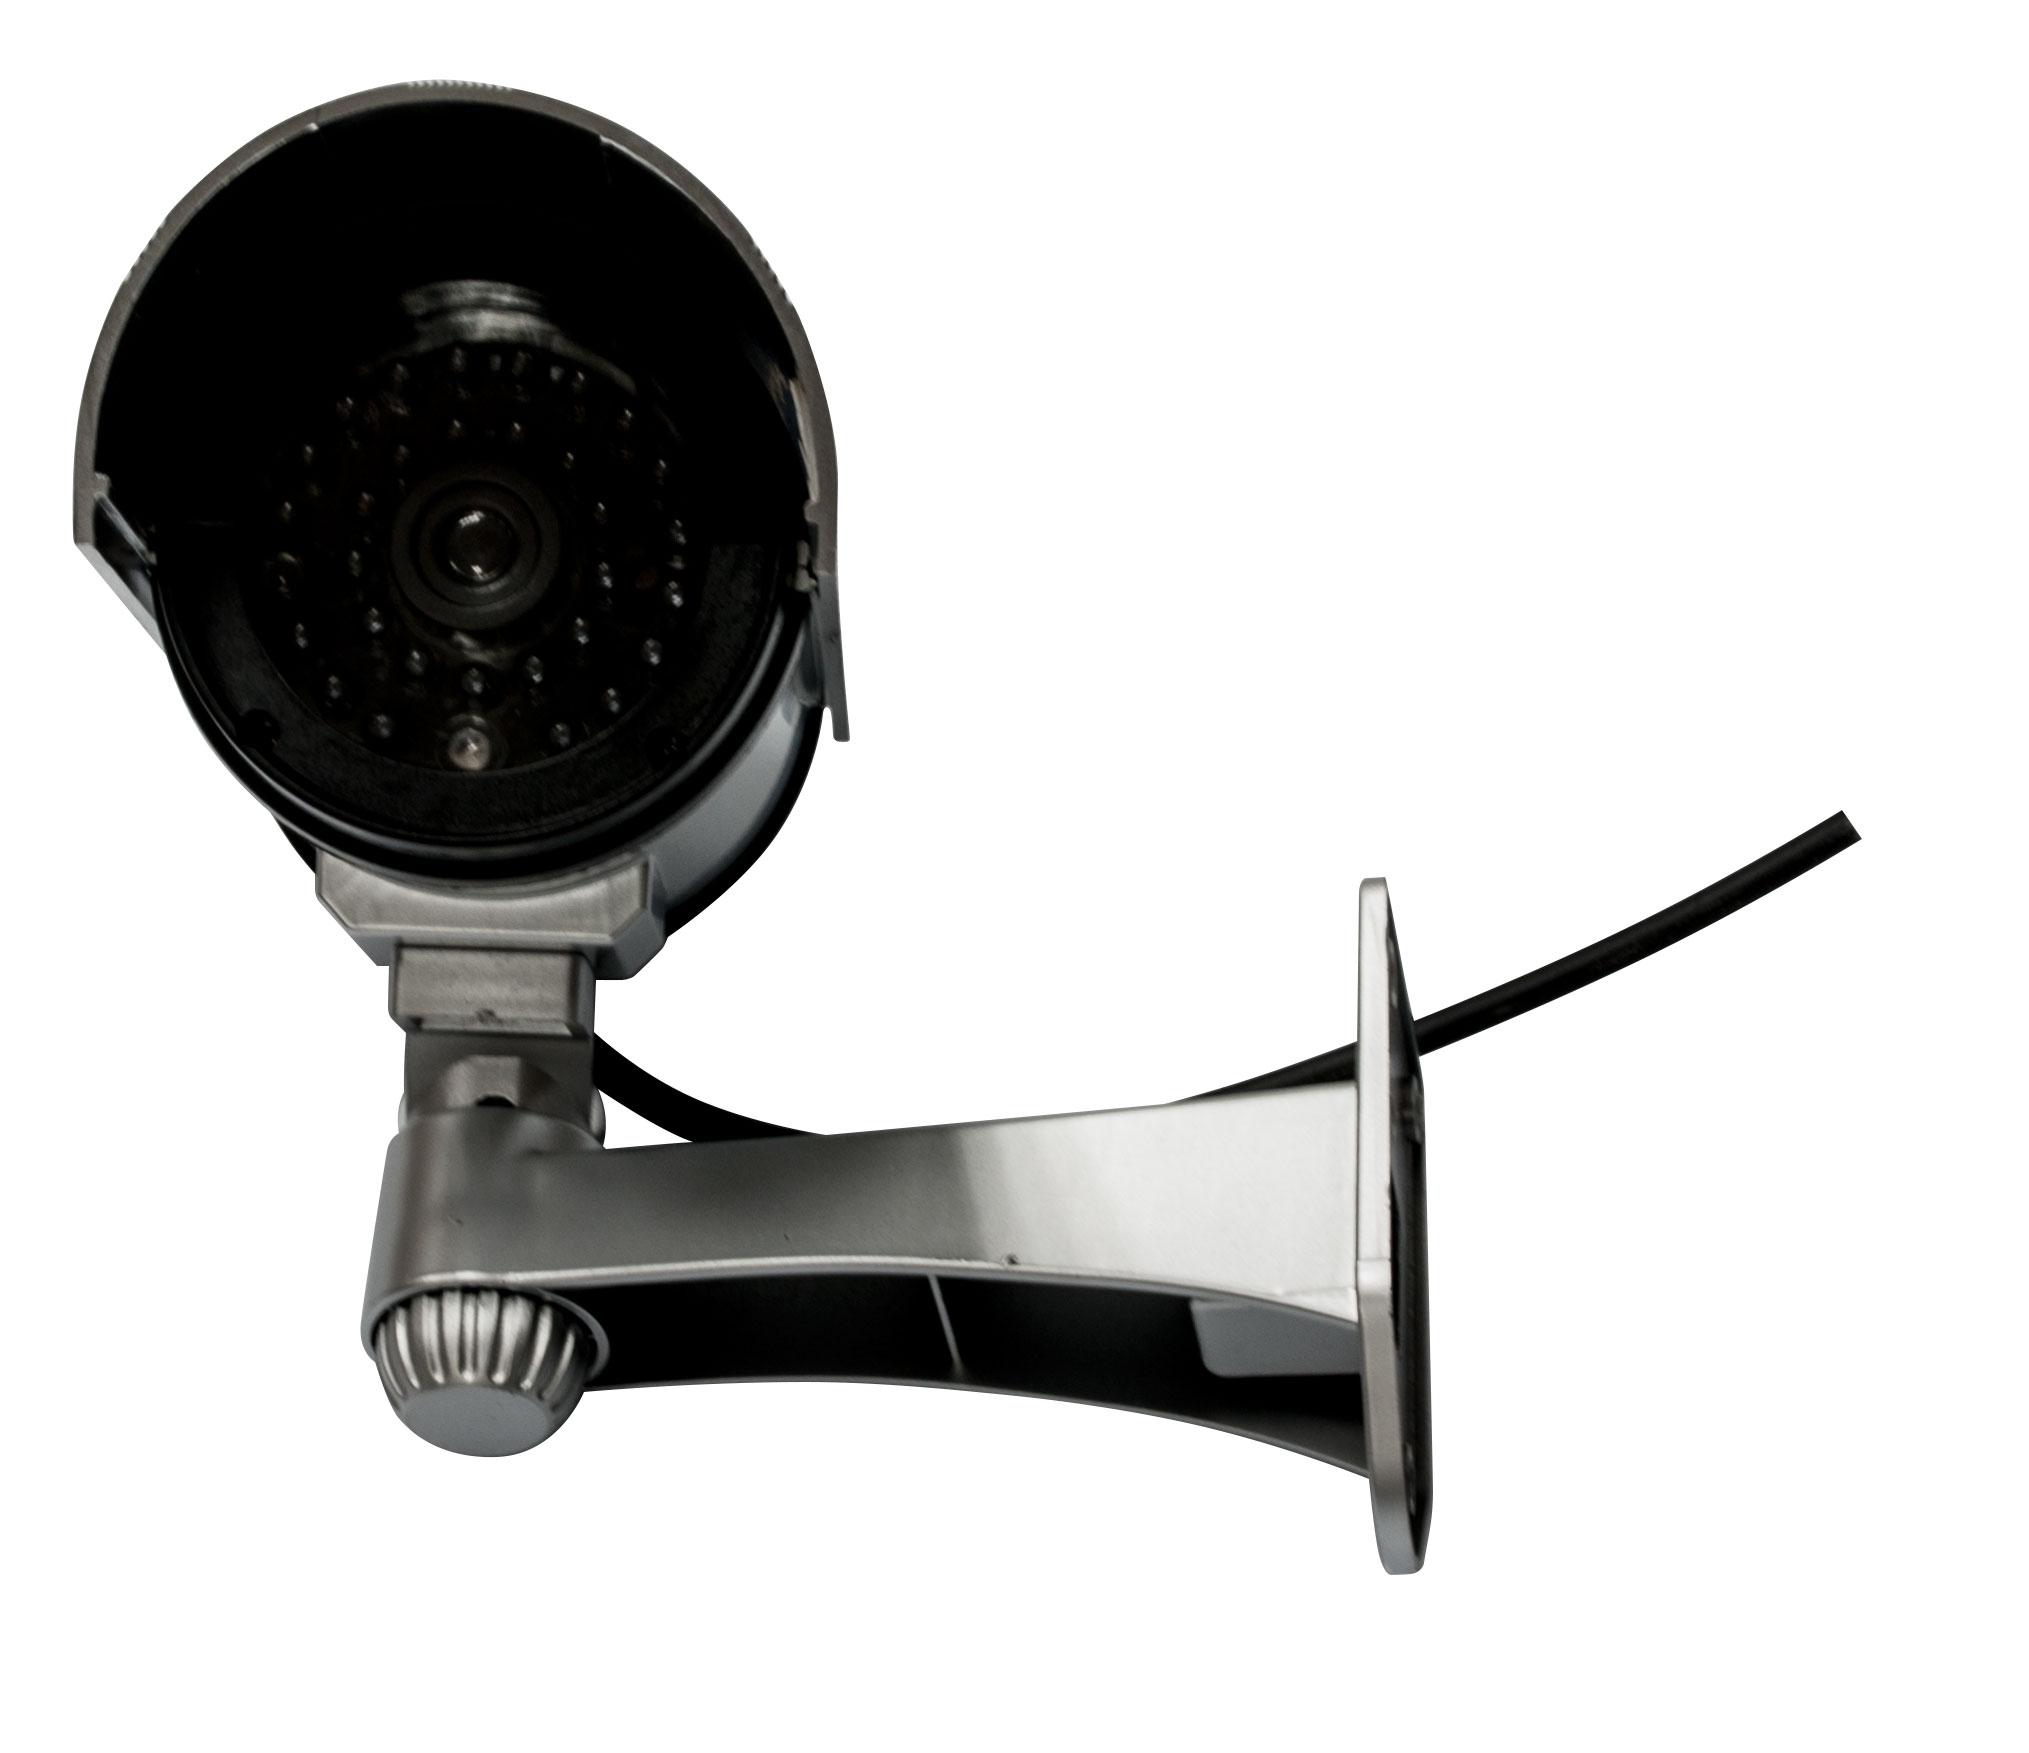 Фальш-камера Fort automatics Dc-027